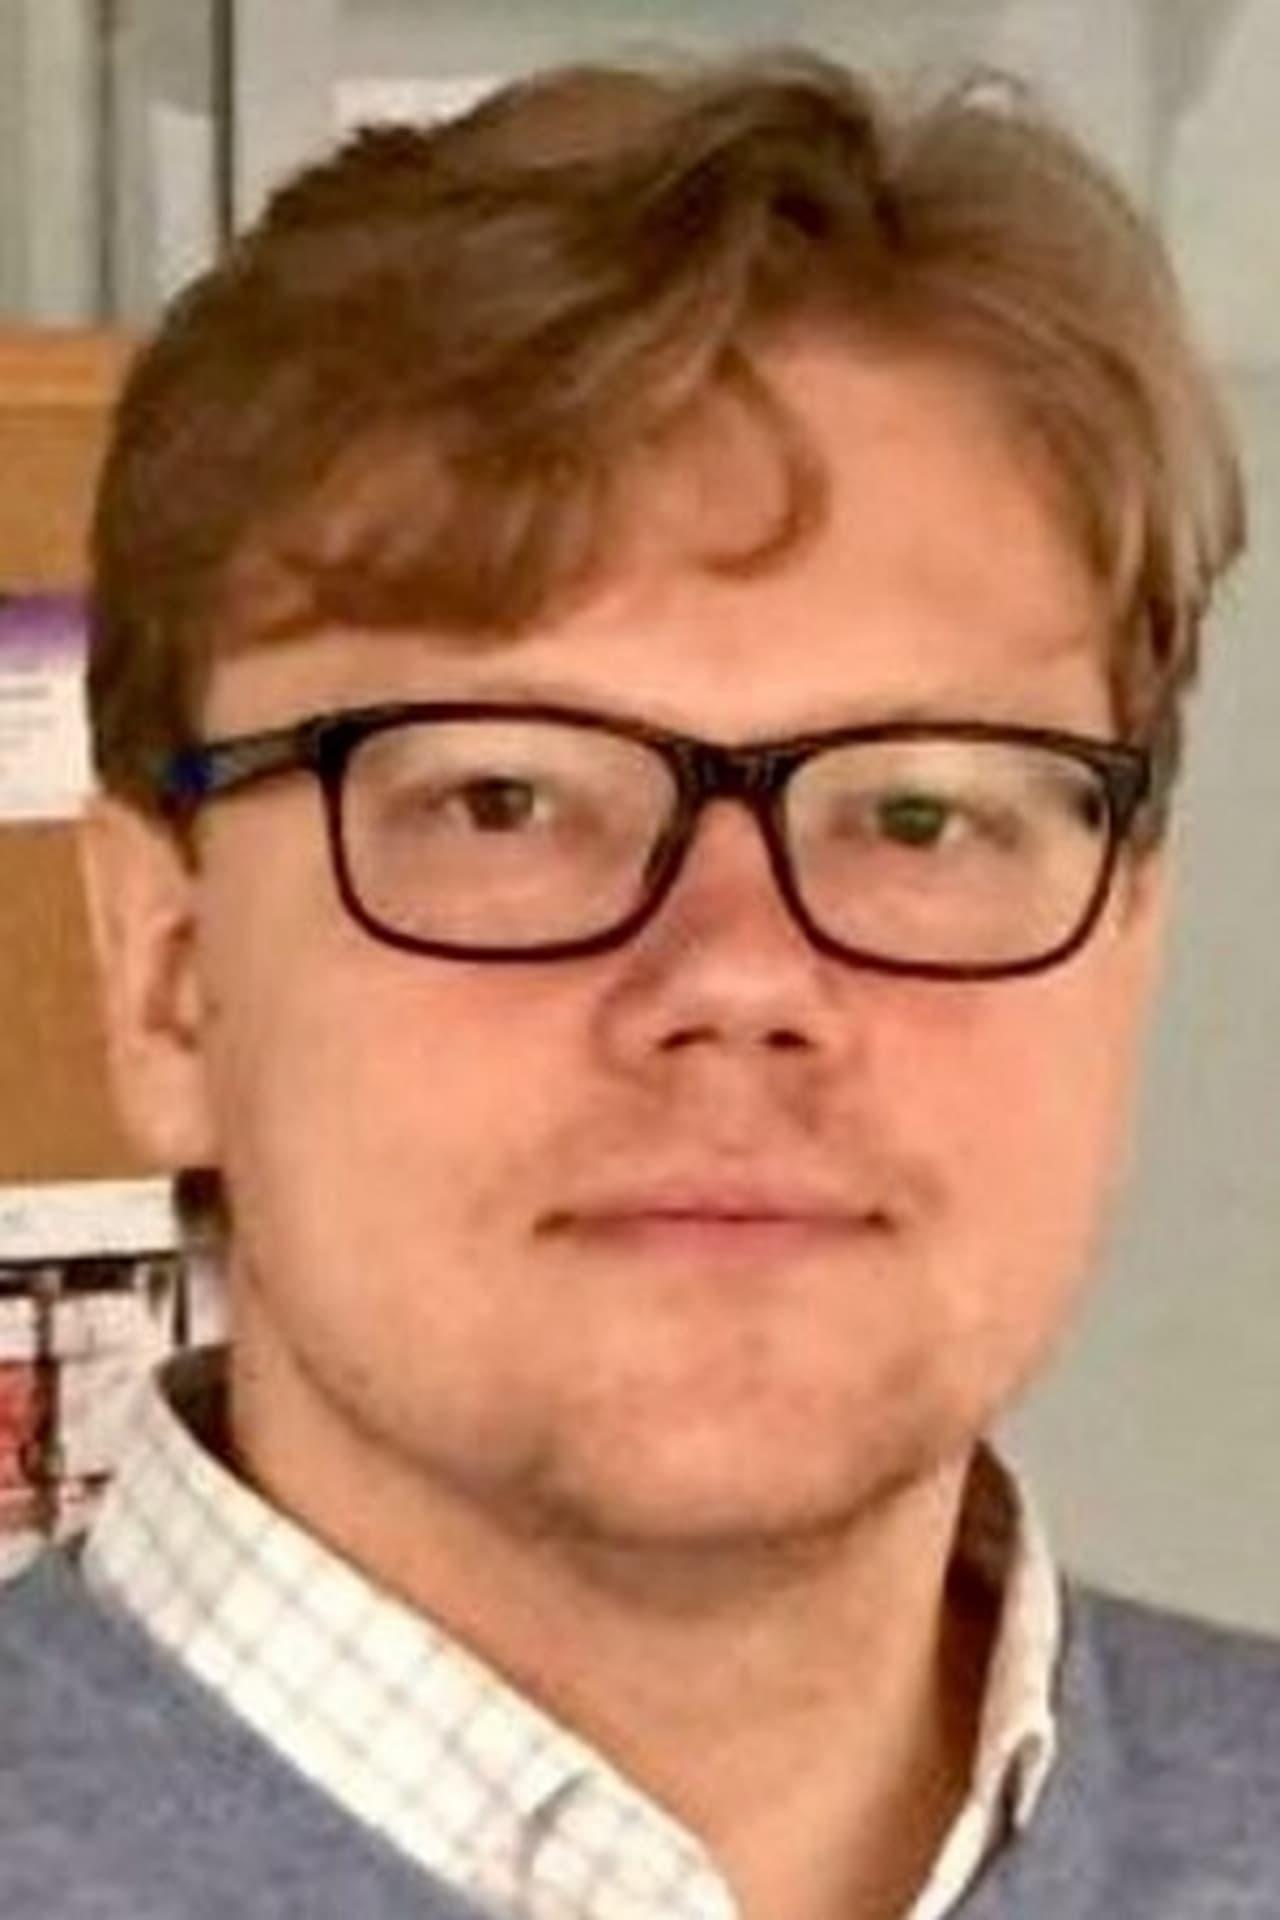 Igor Tudvasev